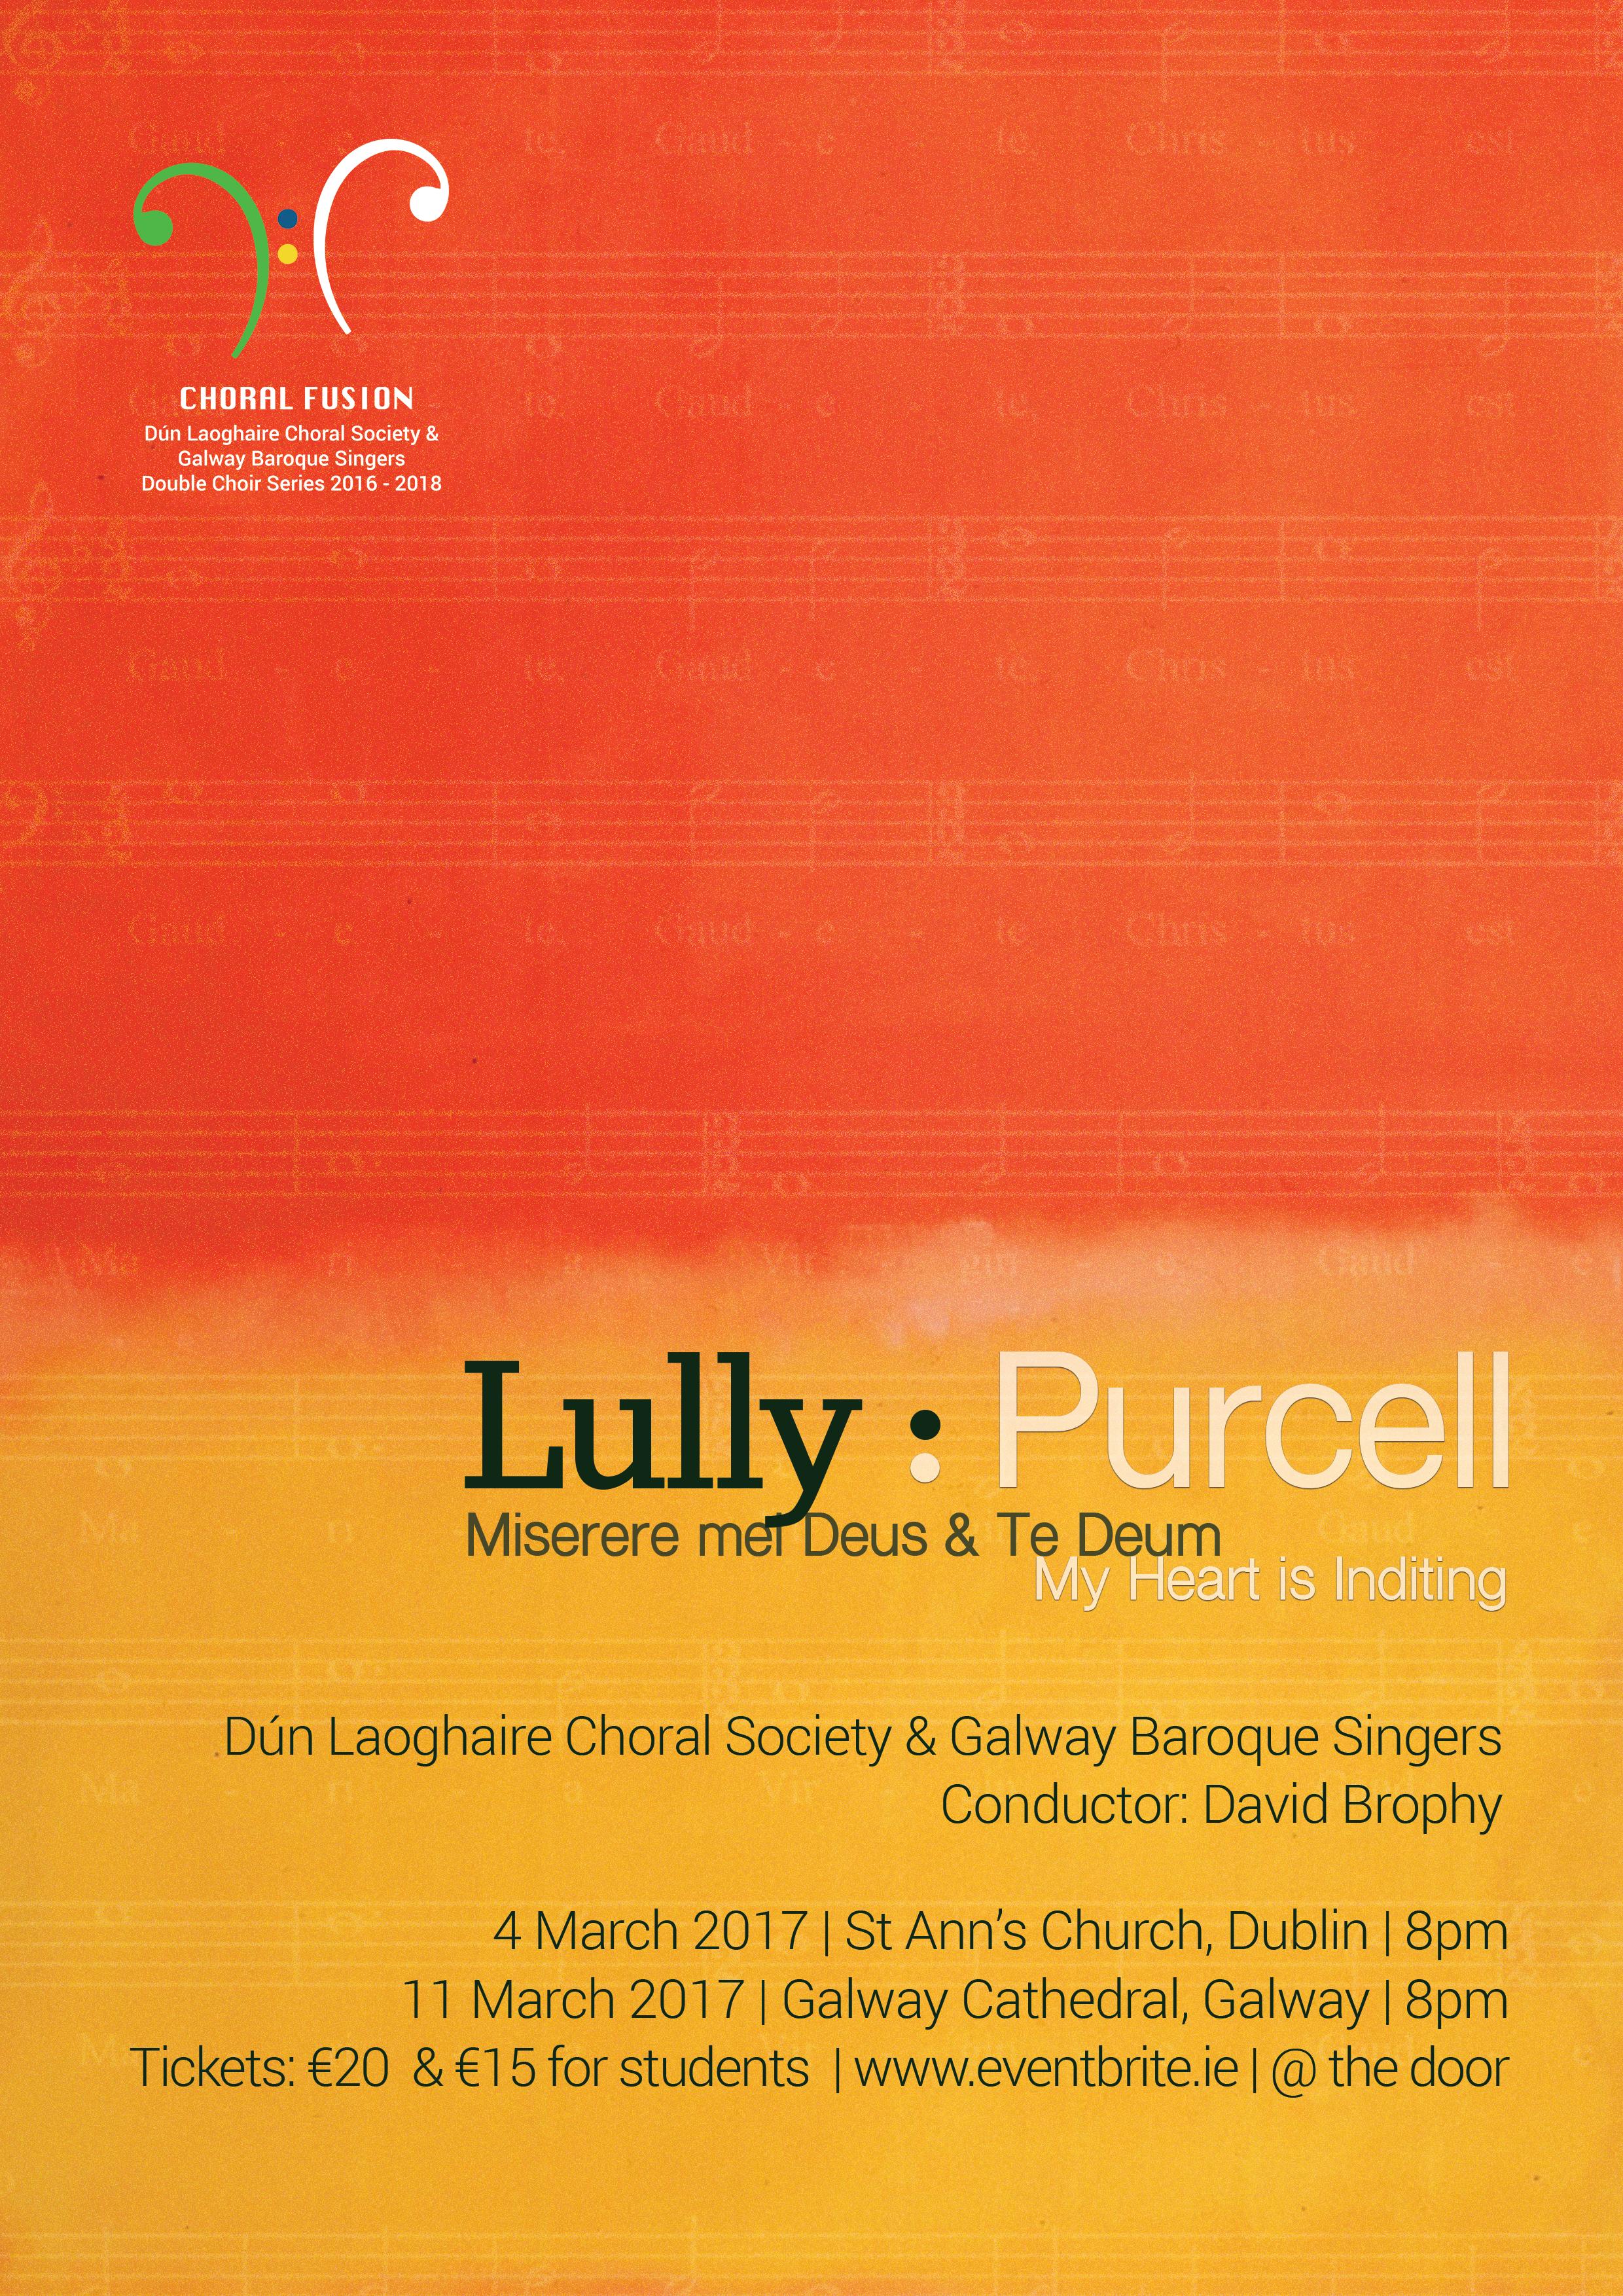 Choral Fusion Double Choir Series